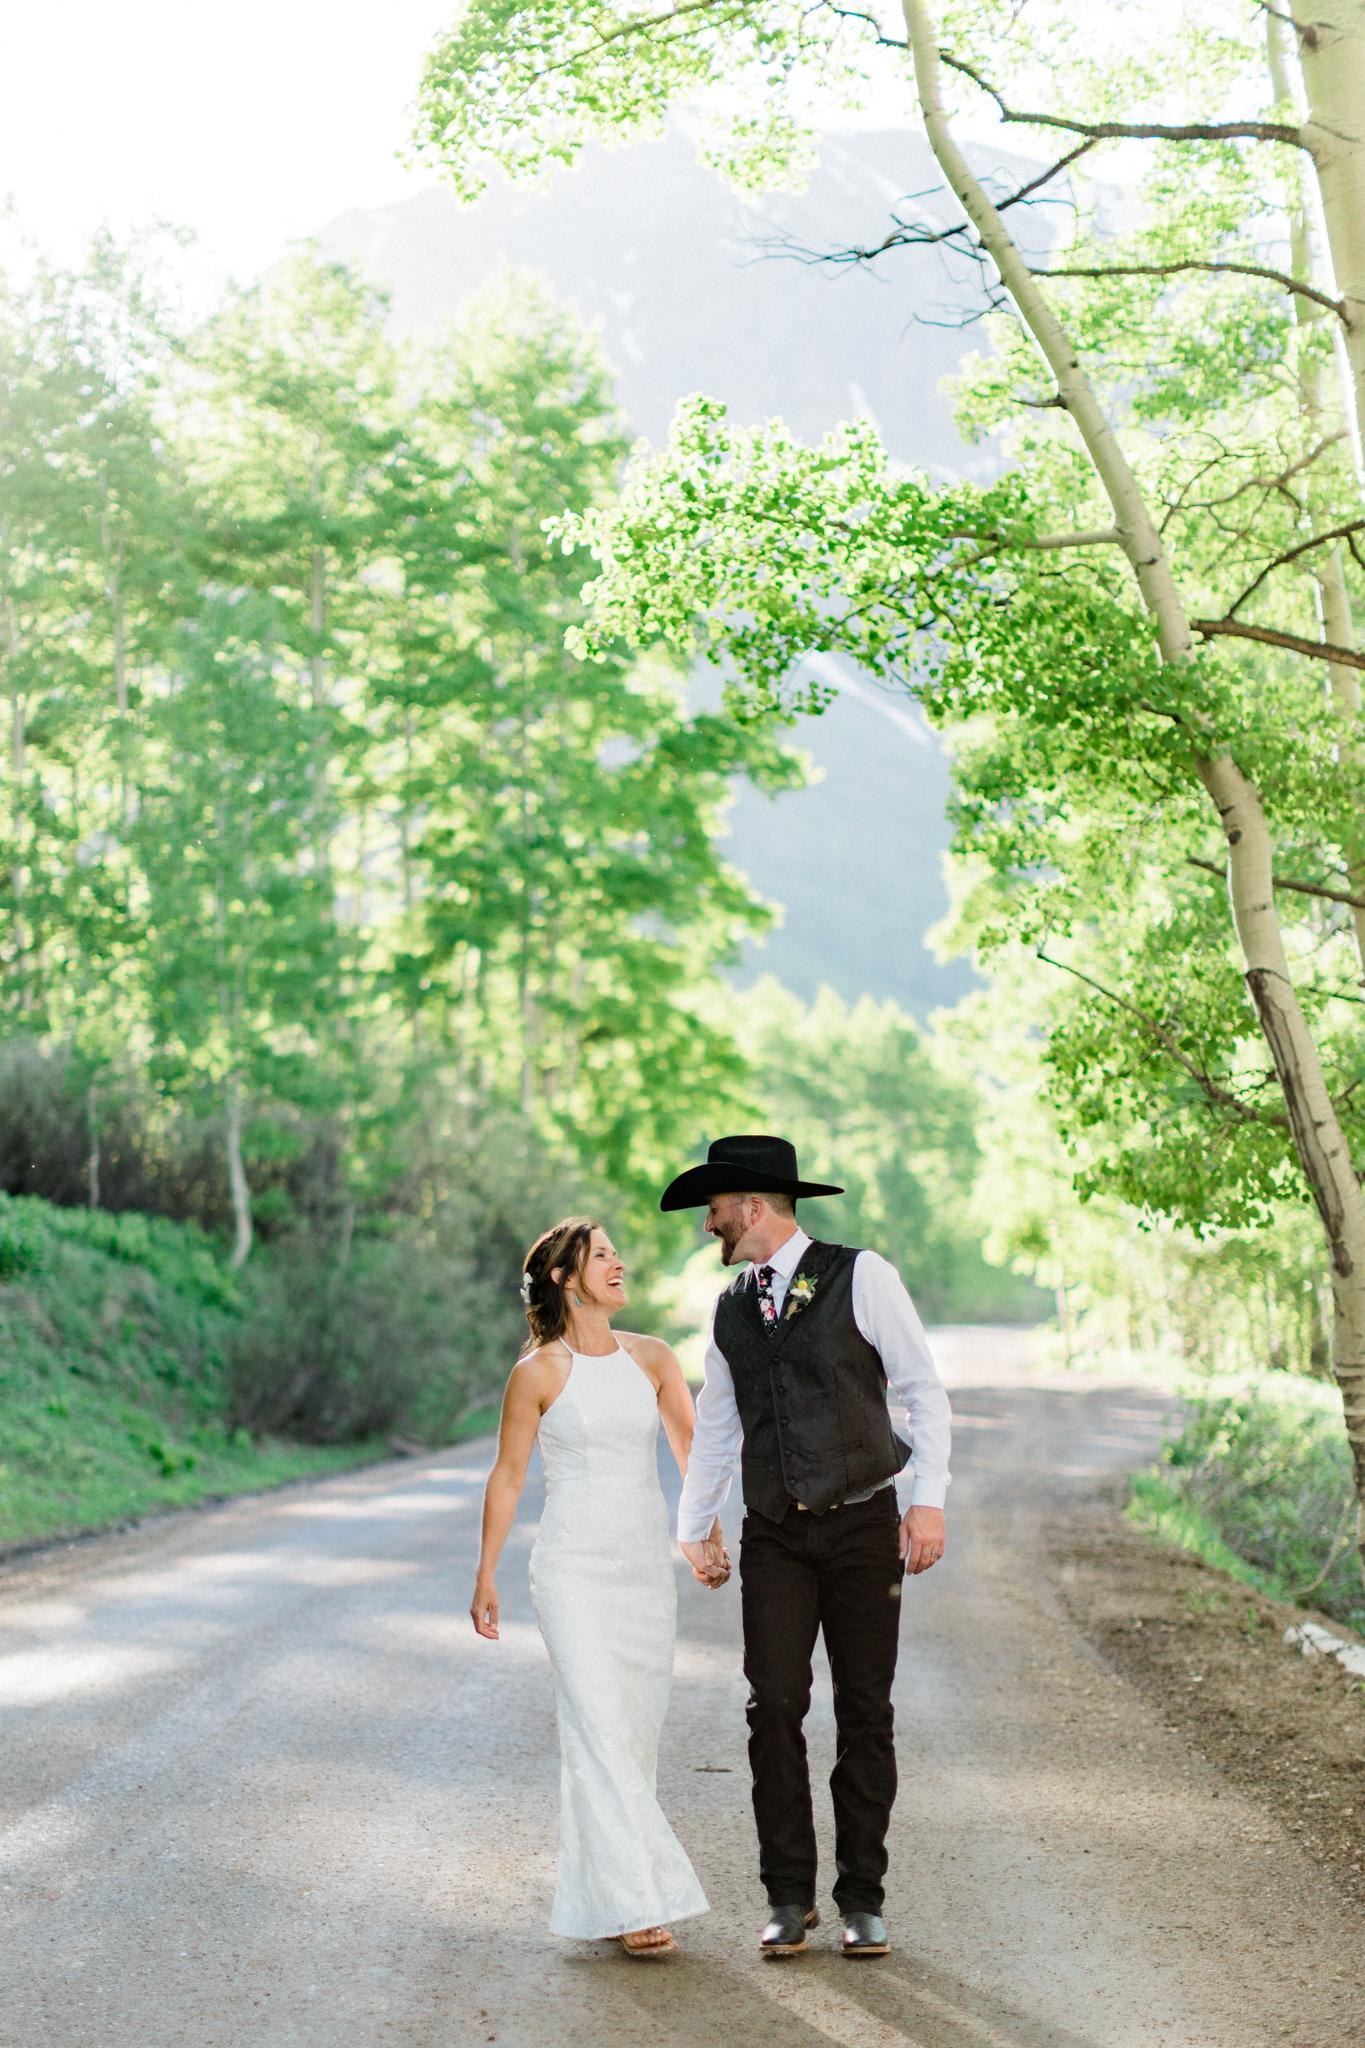 Crested_Butte_Mountain_Wedding_Garden-14